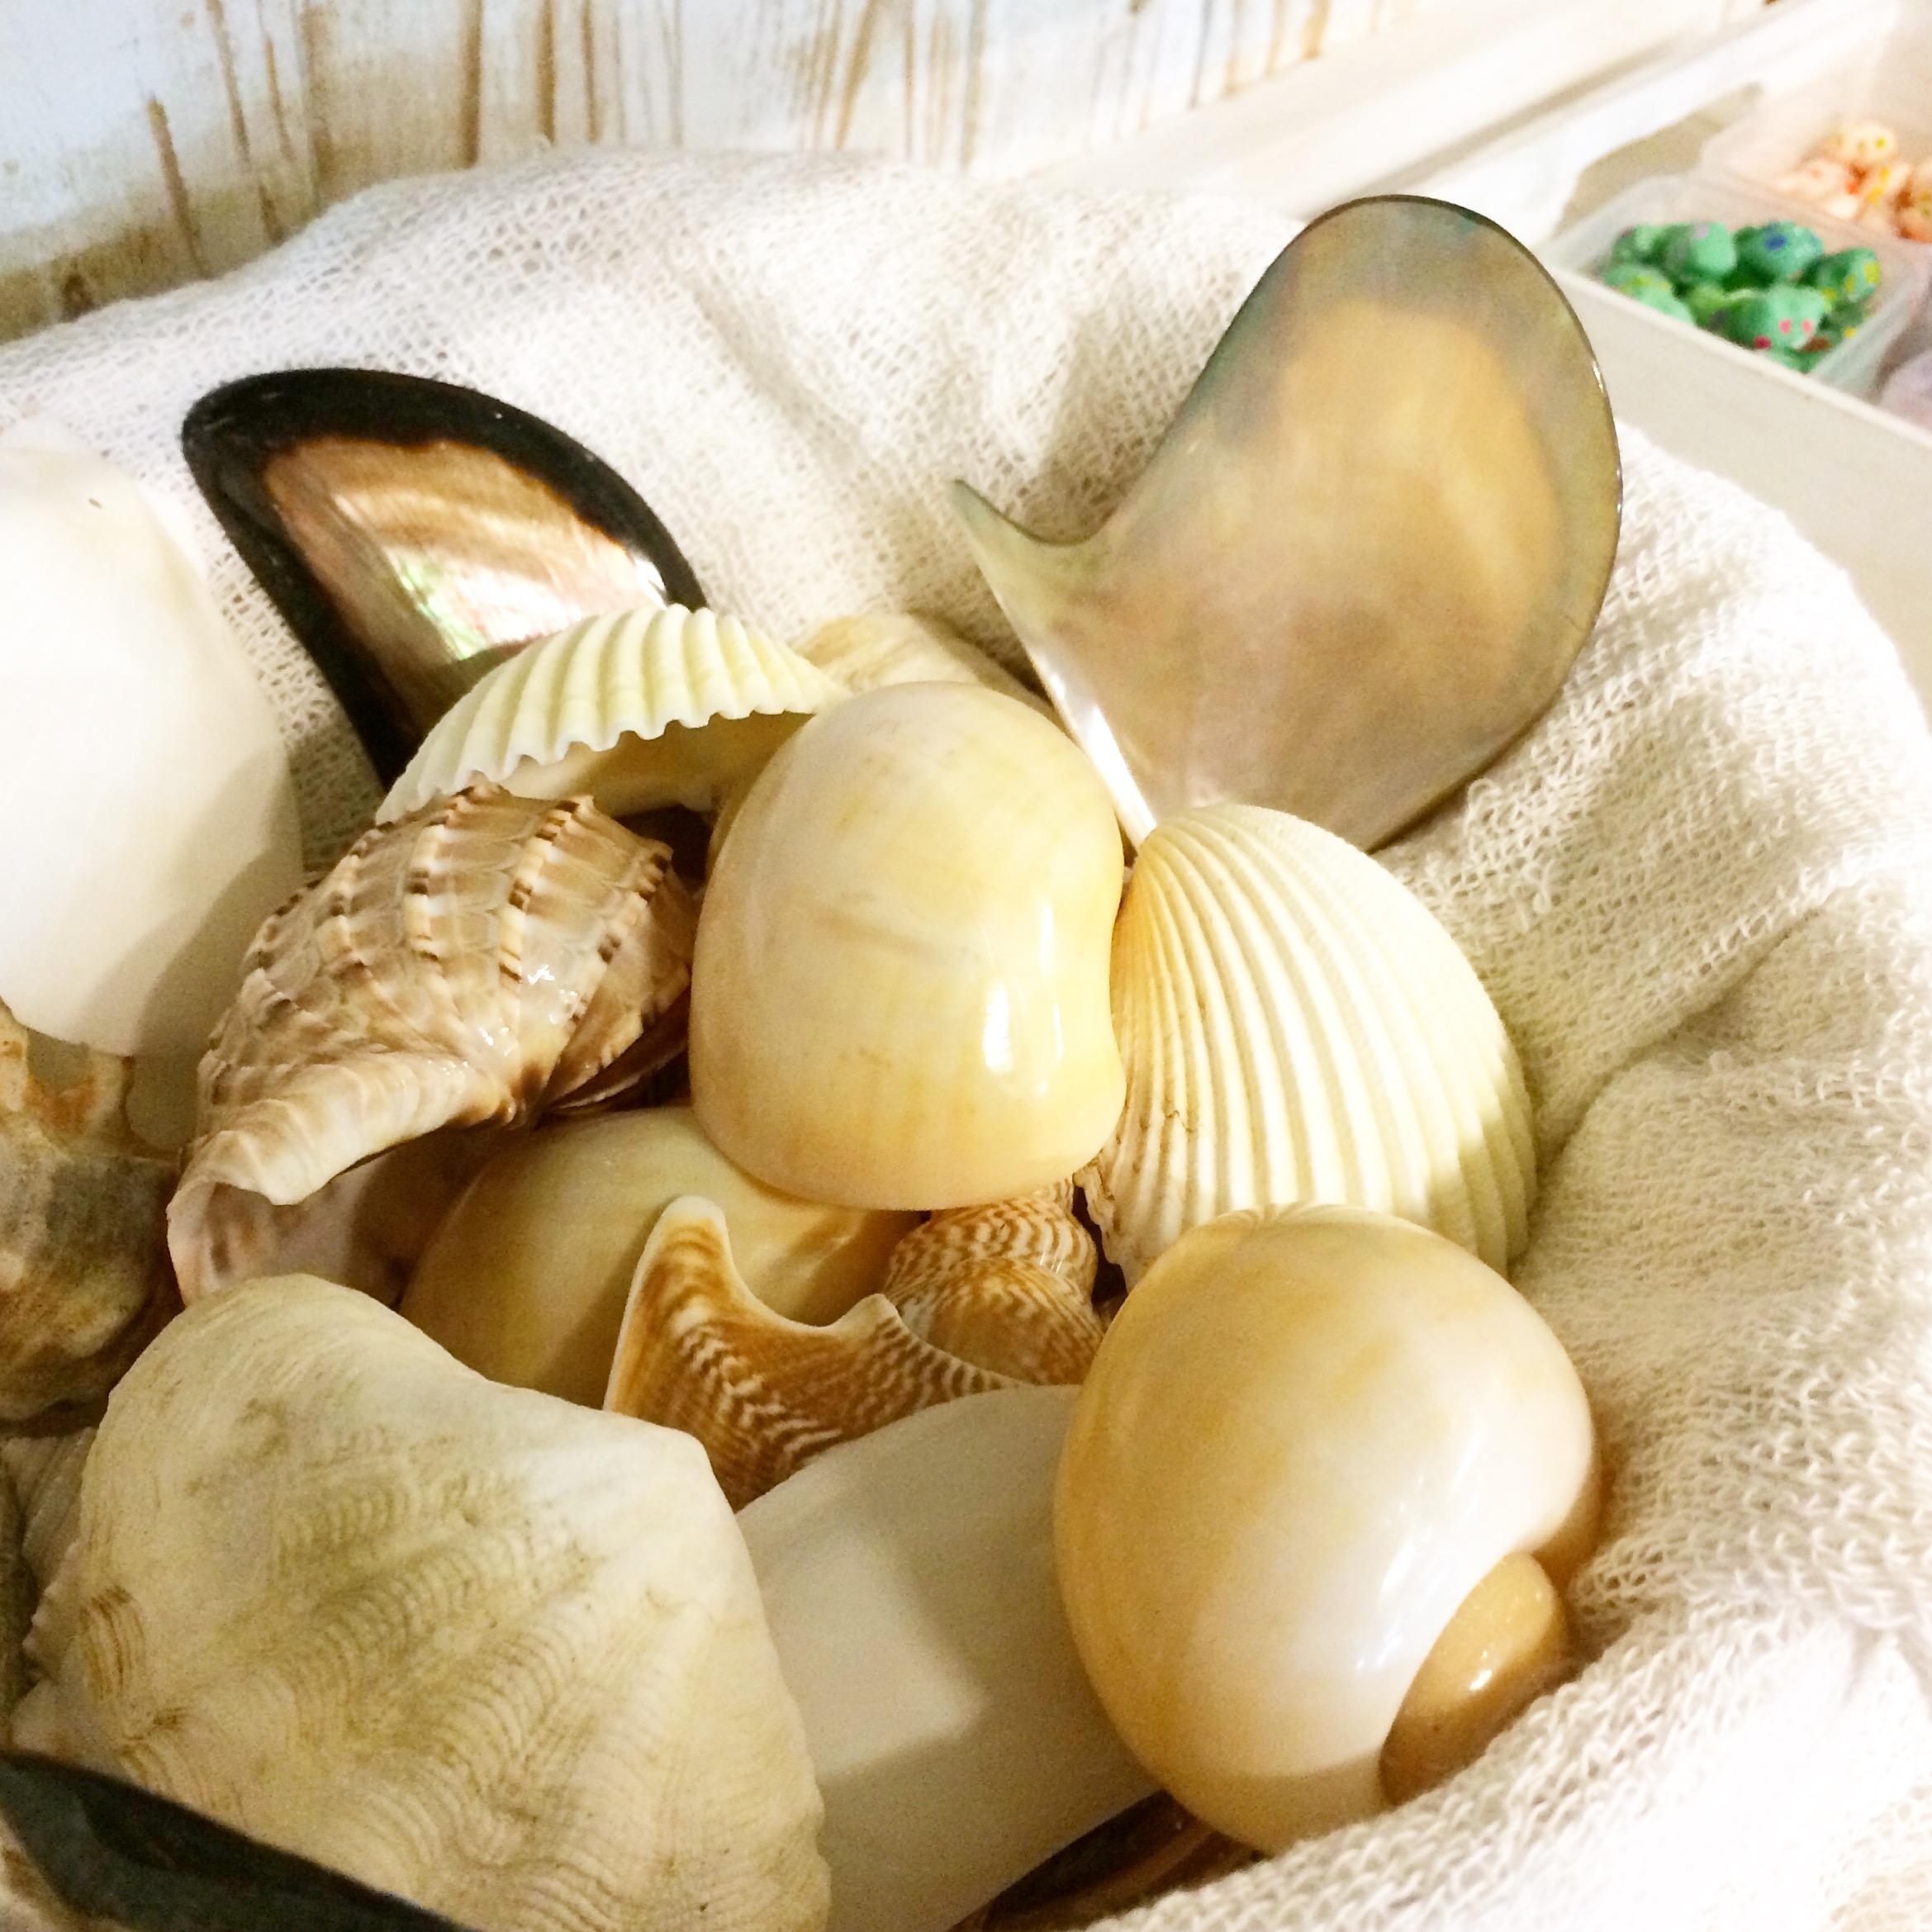 貝のデコ盛り土台も、沢山ありますので選ぶのが楽しい♪